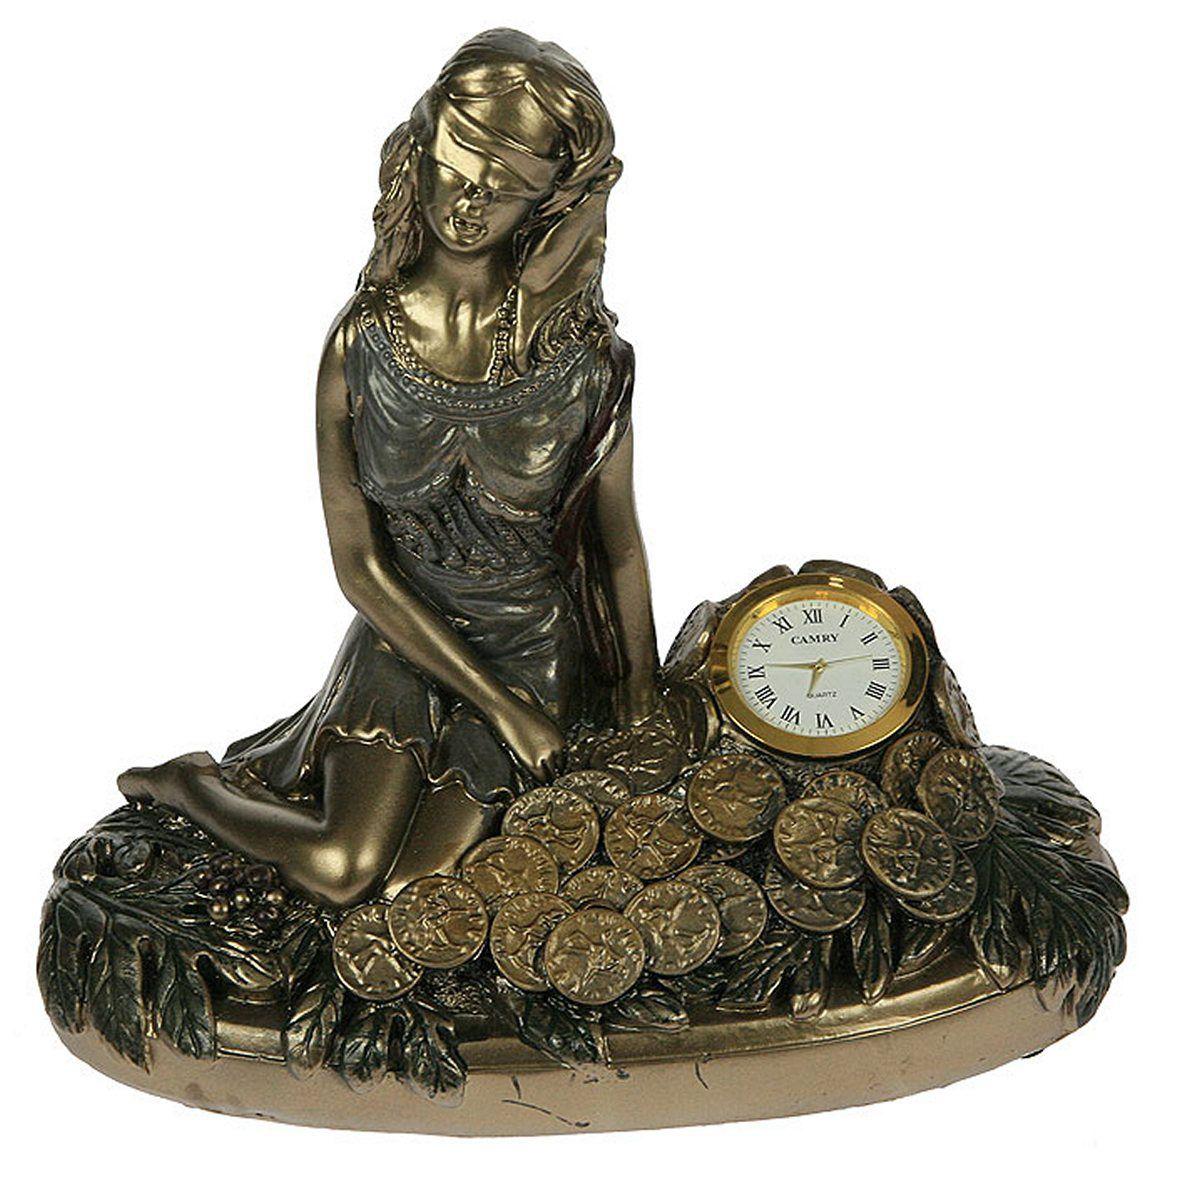 Часы настольные Русские Подарки Римская богиня счастья и удачи - Фортуна, 25 х 14 х 22 см. 5934459344Настольные кварцевые часы Русские Подарки Римская богиня счастья и удачи - Фортуна изготовлены из полистоуна, циферблат защищен стеклом. Часы имеют три стрелки - часовую, минутную и секундную. Изящные часы красиво и оригинально оформят интерьер дома или рабочий стол в офисе. Также часы могут стать уникальным, полезным подарком для родственников, коллег, знакомых и близких. Часы работают от батареек типа АА (в комплект не входят).